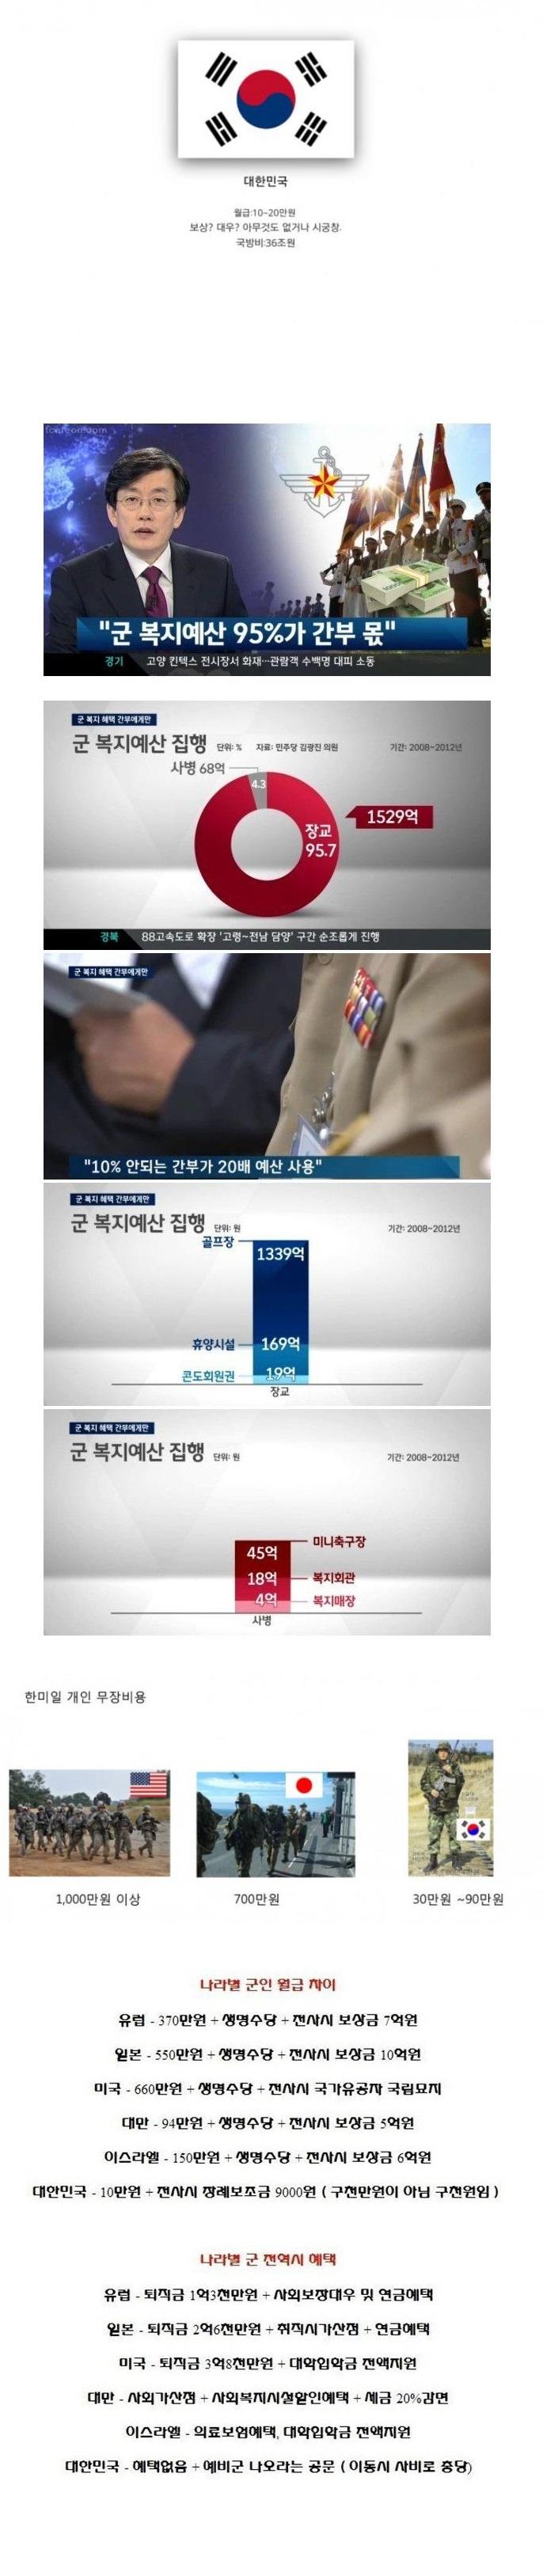 한국 군대의 위엄